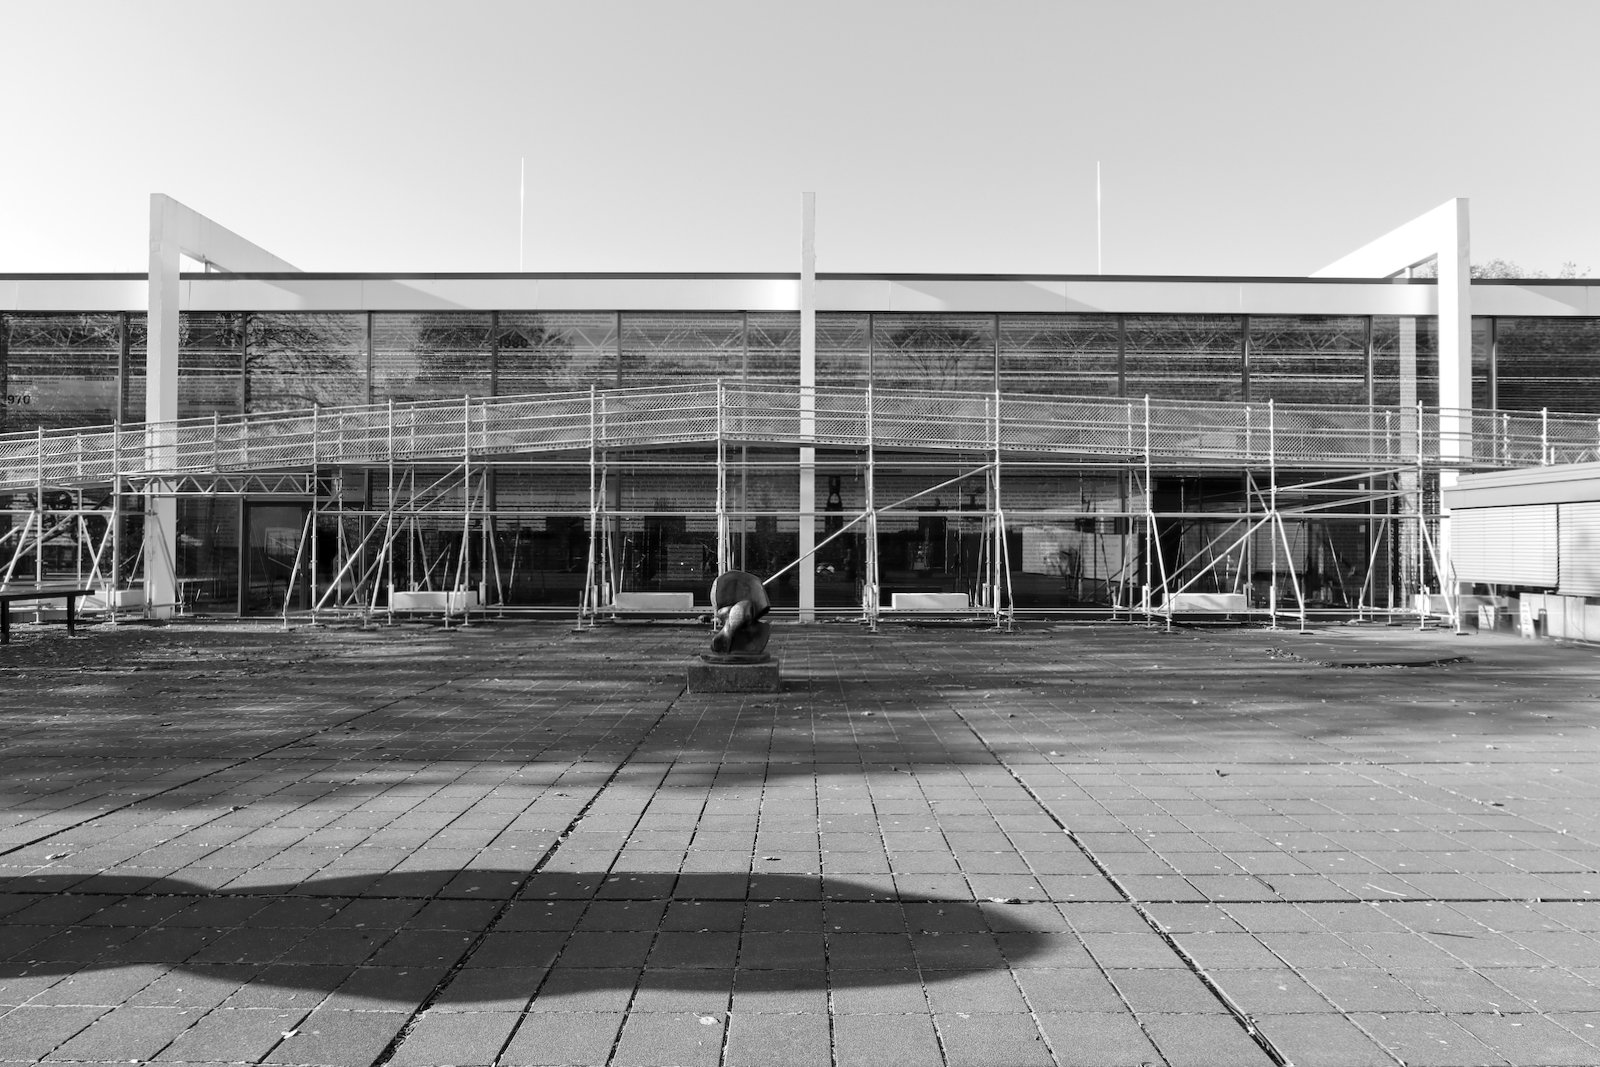 Lehmbruck Museum. Die Große Glashalle und den Lehmbruck-Trakt entwarf Manfred Lehmbruck (1964), der Sohn von Wilhelm Lehmbruck, Bildhauer, Grafiker und Namensgeber des Museums.